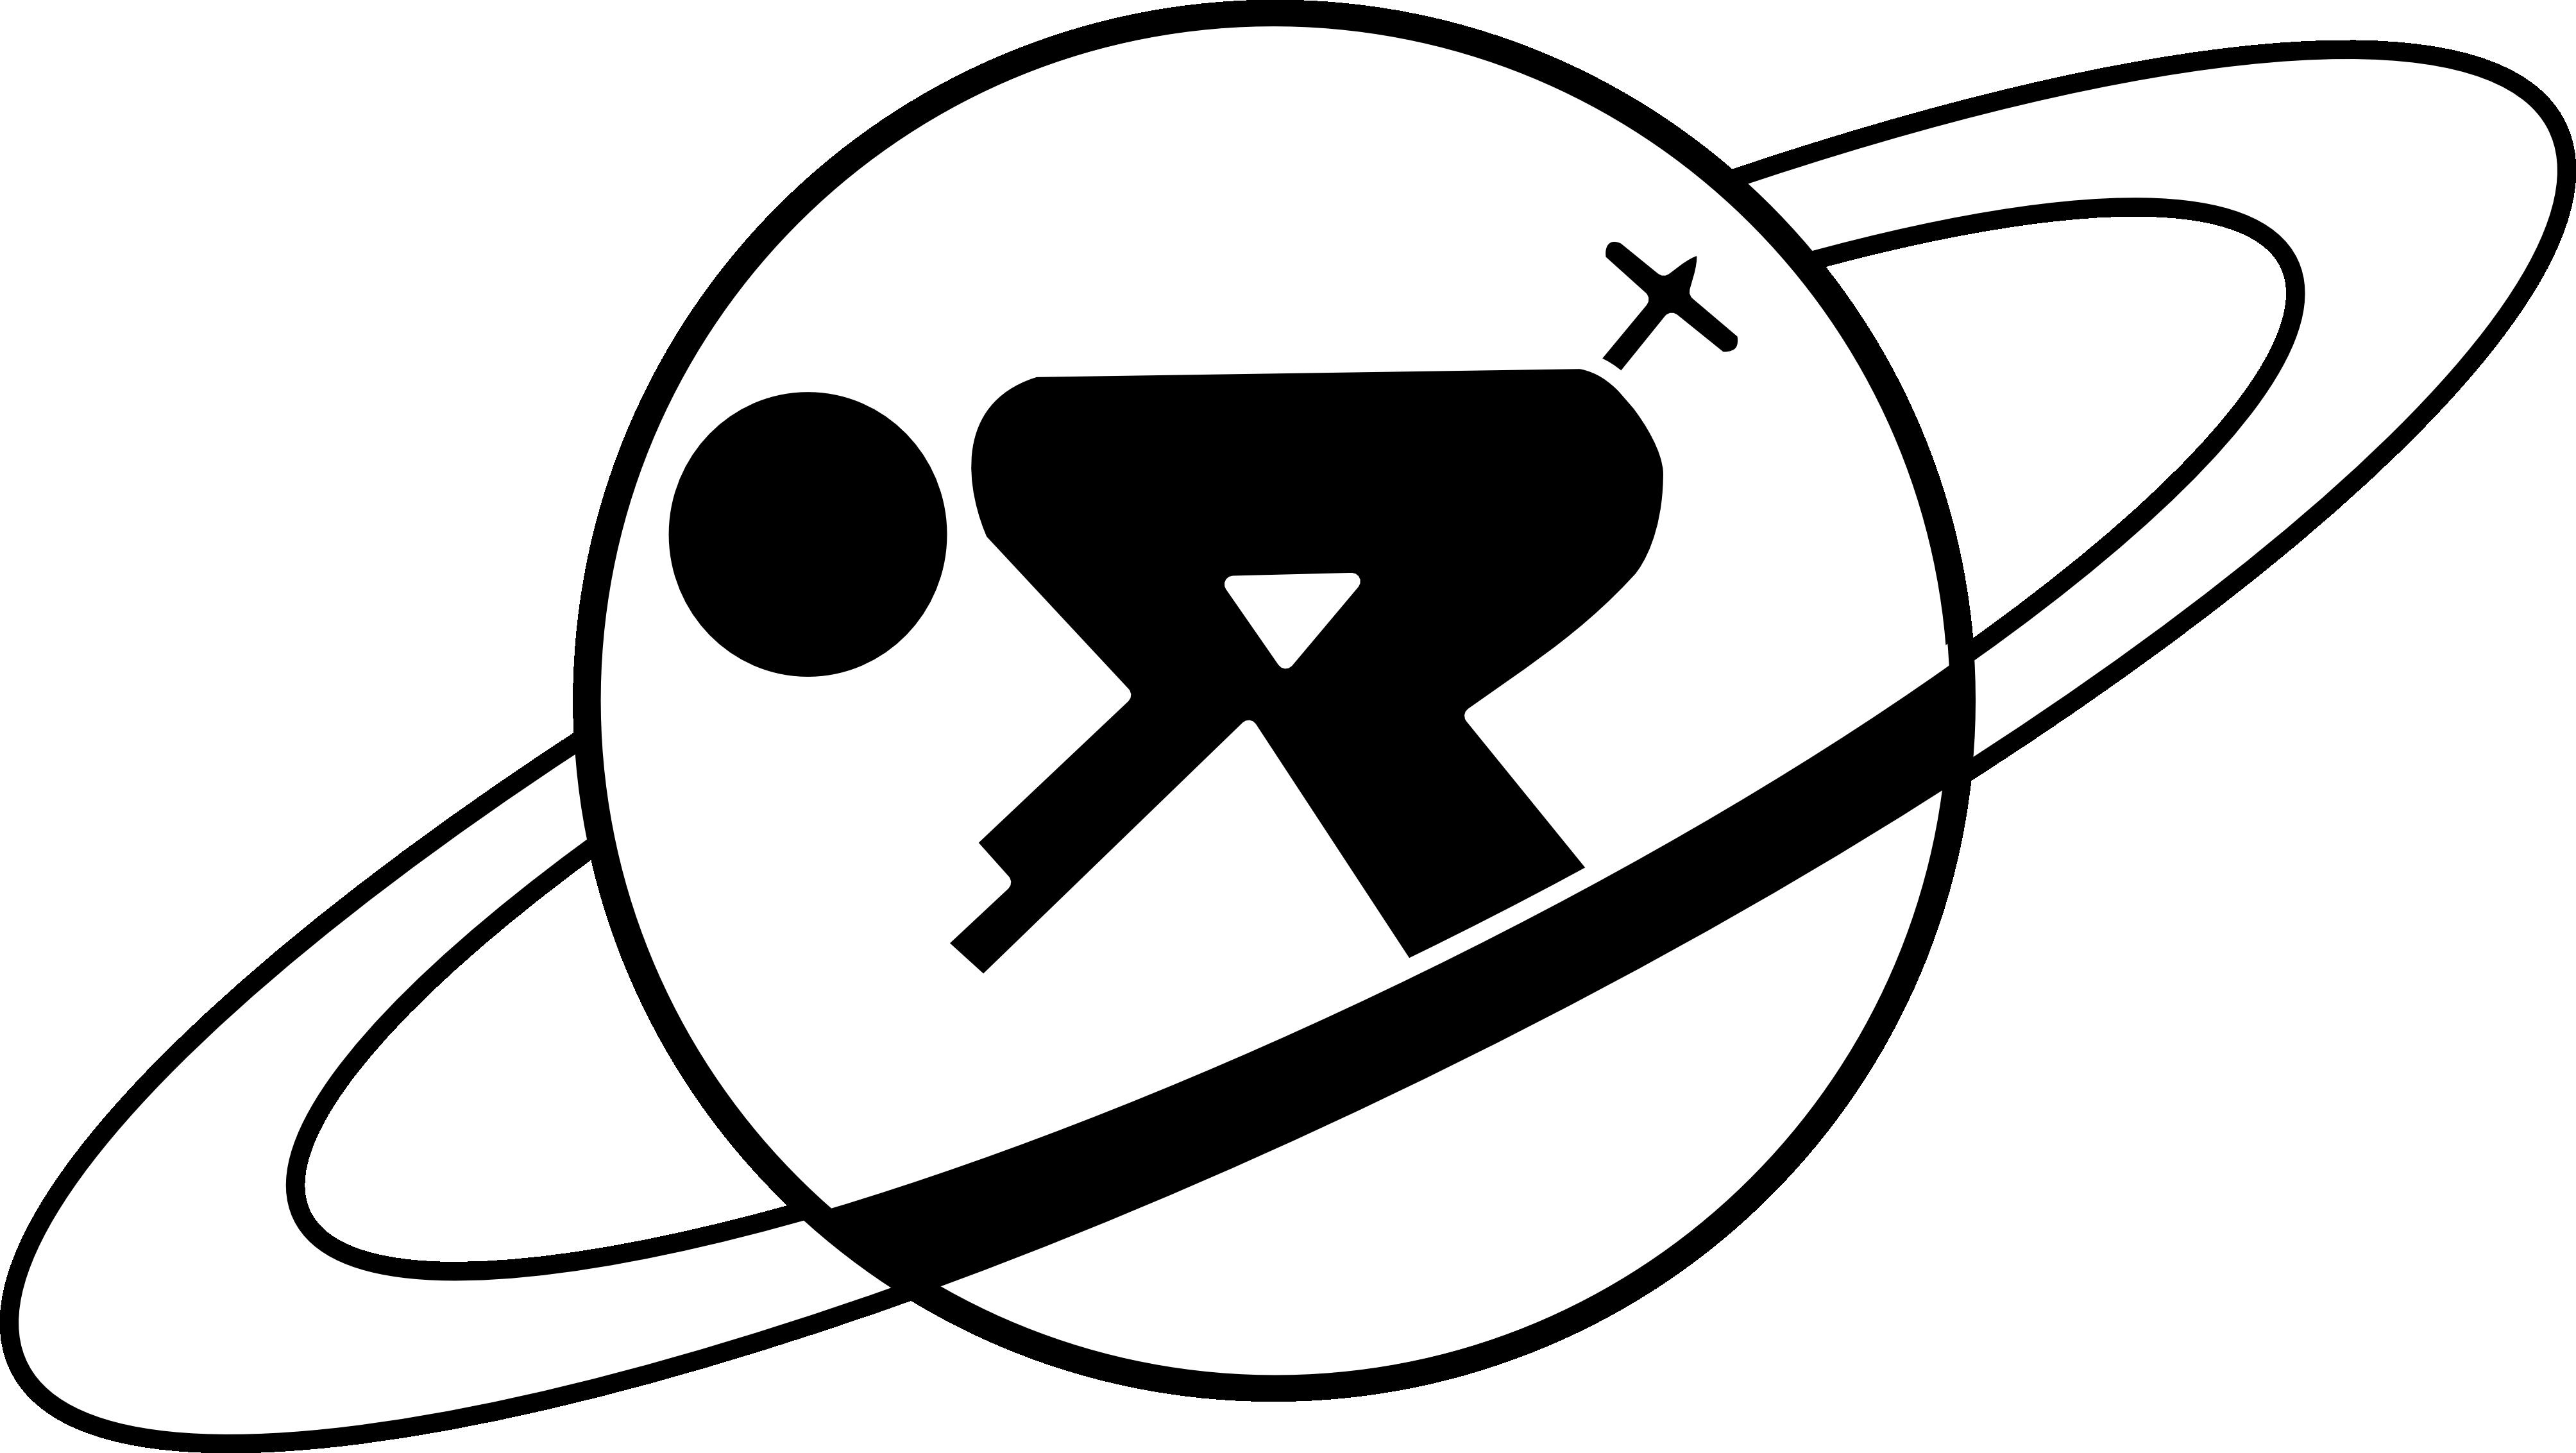 Logos lewis logo white. Skis clipart ski club